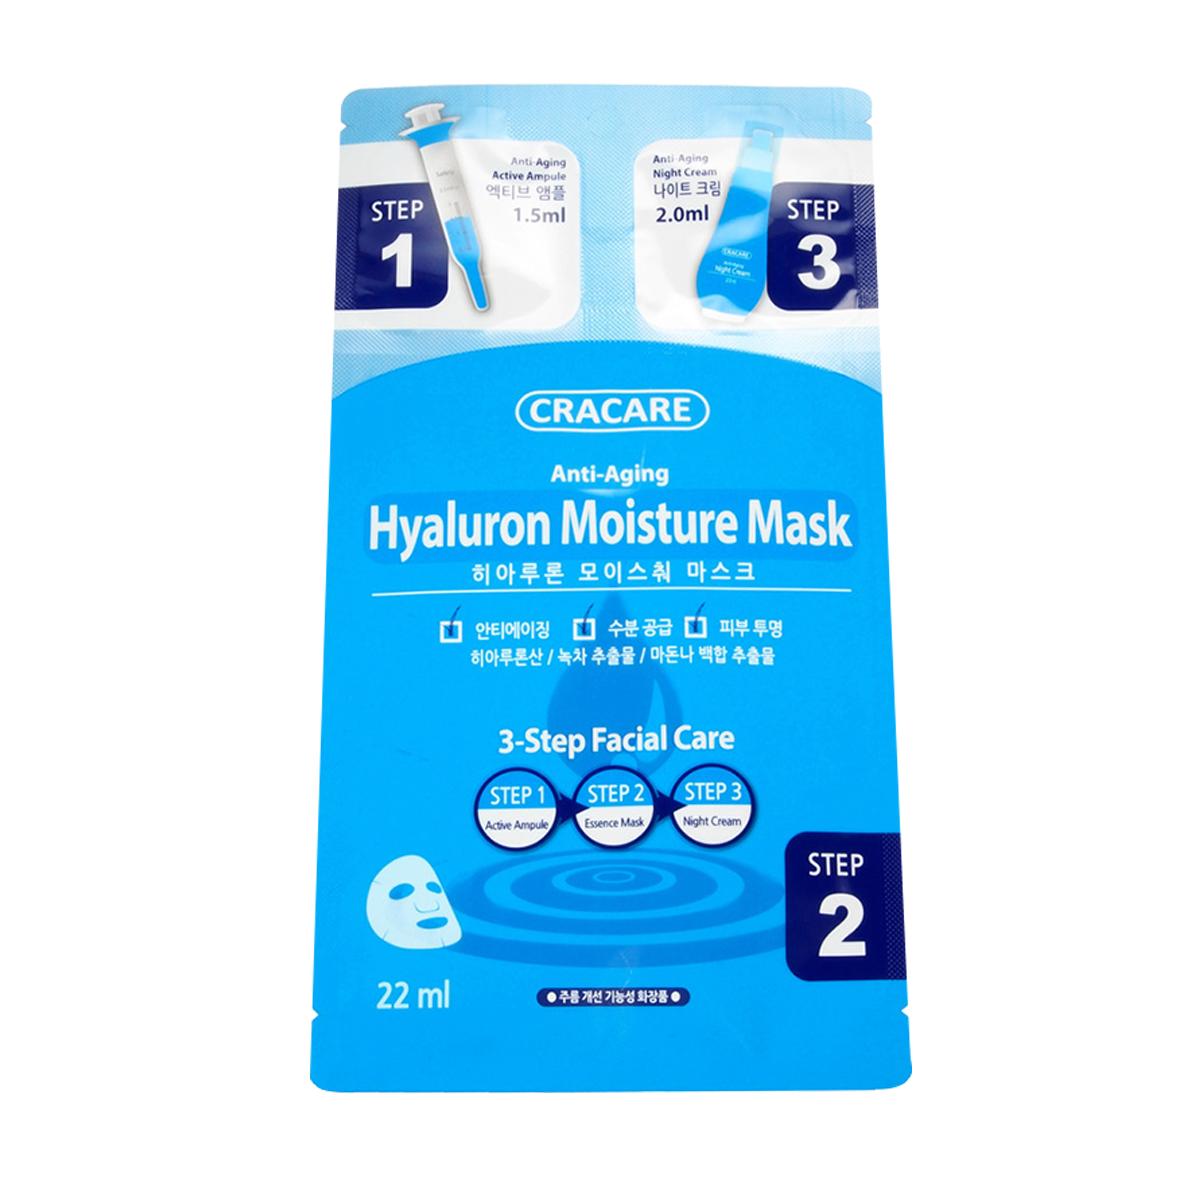 Cracare Гиалуроновая увлажняющая маска 3 шага929632Гиалуроновая увлажняющая маска выравнивает текстуру кожи и глубоко увлажняет.3-х Ступенчитая Противовозрастная Система Активная ампула. На очищенную кожу нанести умеренное количество, преимущественно вокруг глаз и губ, остаток ампулы может быть нанесено на область, которая Вас больше всего беспокоит. Маска. Нанести маску на лицо, оставить на 20-30 минут. .Затем снять маску, а остатки геля легкими движениями распределить по лицу.Ночной крем. Нанести умеренное количество, преимущественно вокруг глаз и губ.Меры предосторожности: Хранить в недоступном для детей месте. Избегать контакта с глазами.Срок годности после вскрытия 1 день.